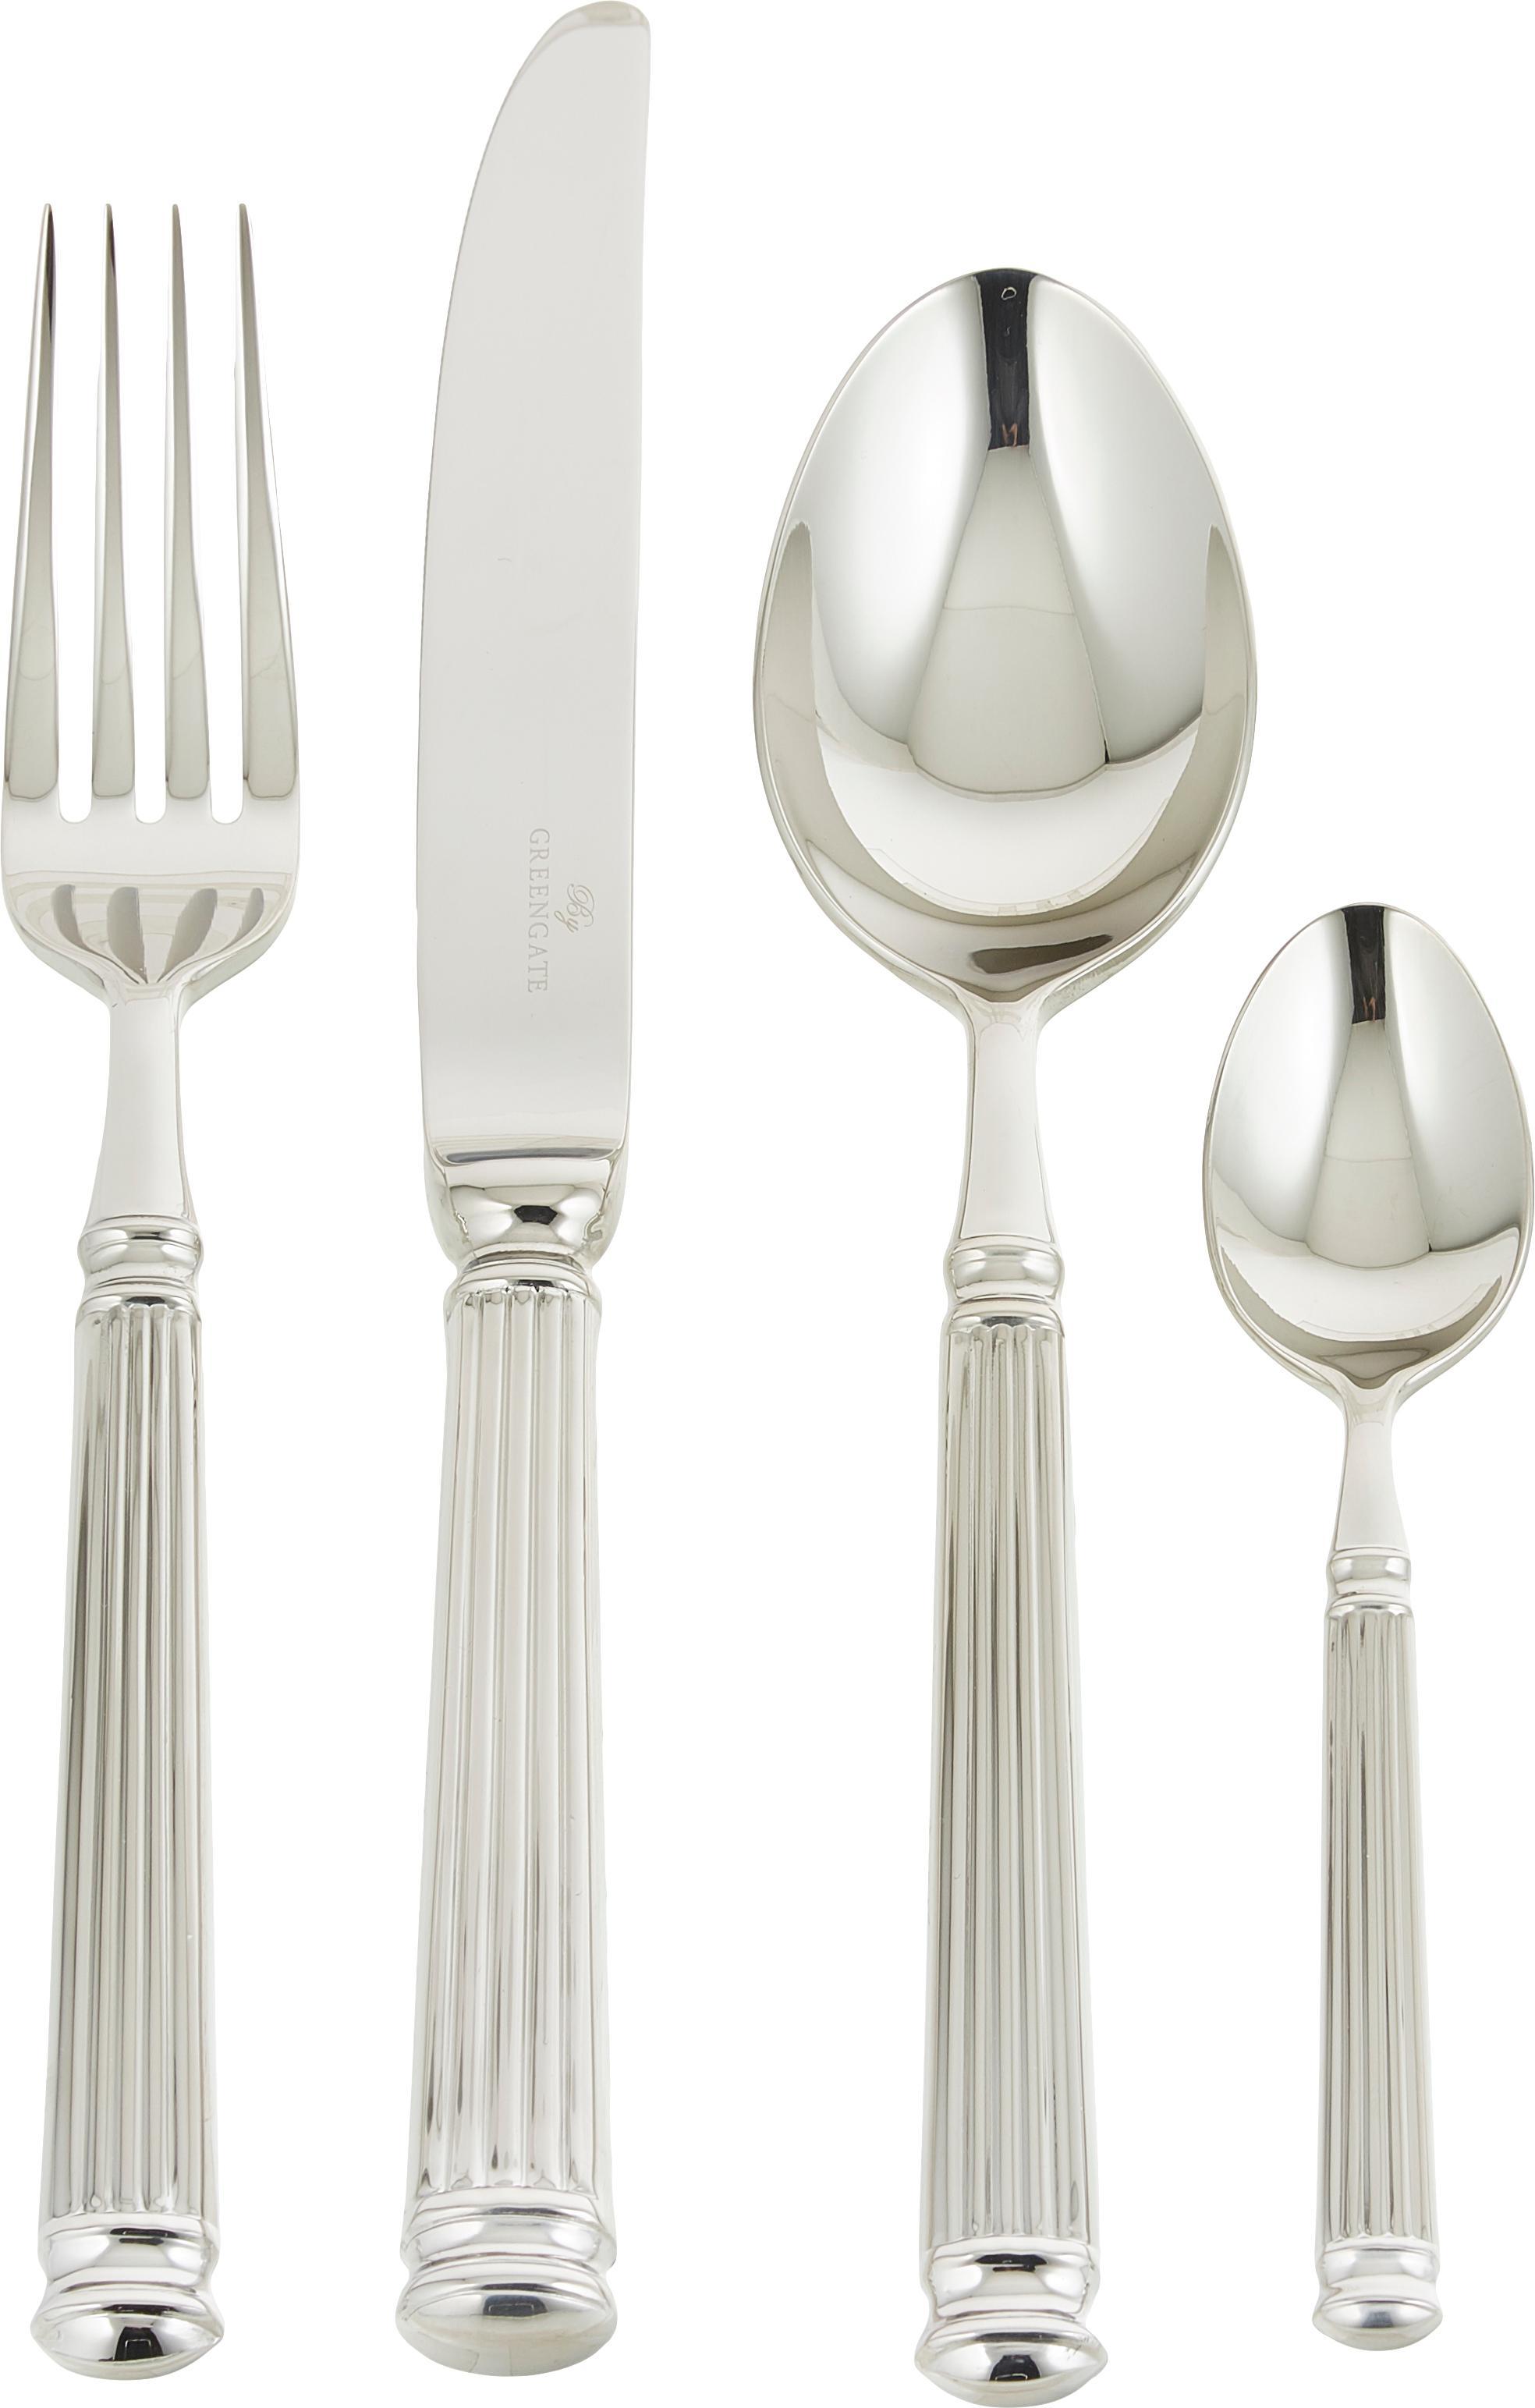 Zilveren bestekset Elegance met groefstructuur aan handvat, 4-delig, PVD gecoat edelstaal, Edelstaalkleurig, L 21 cm